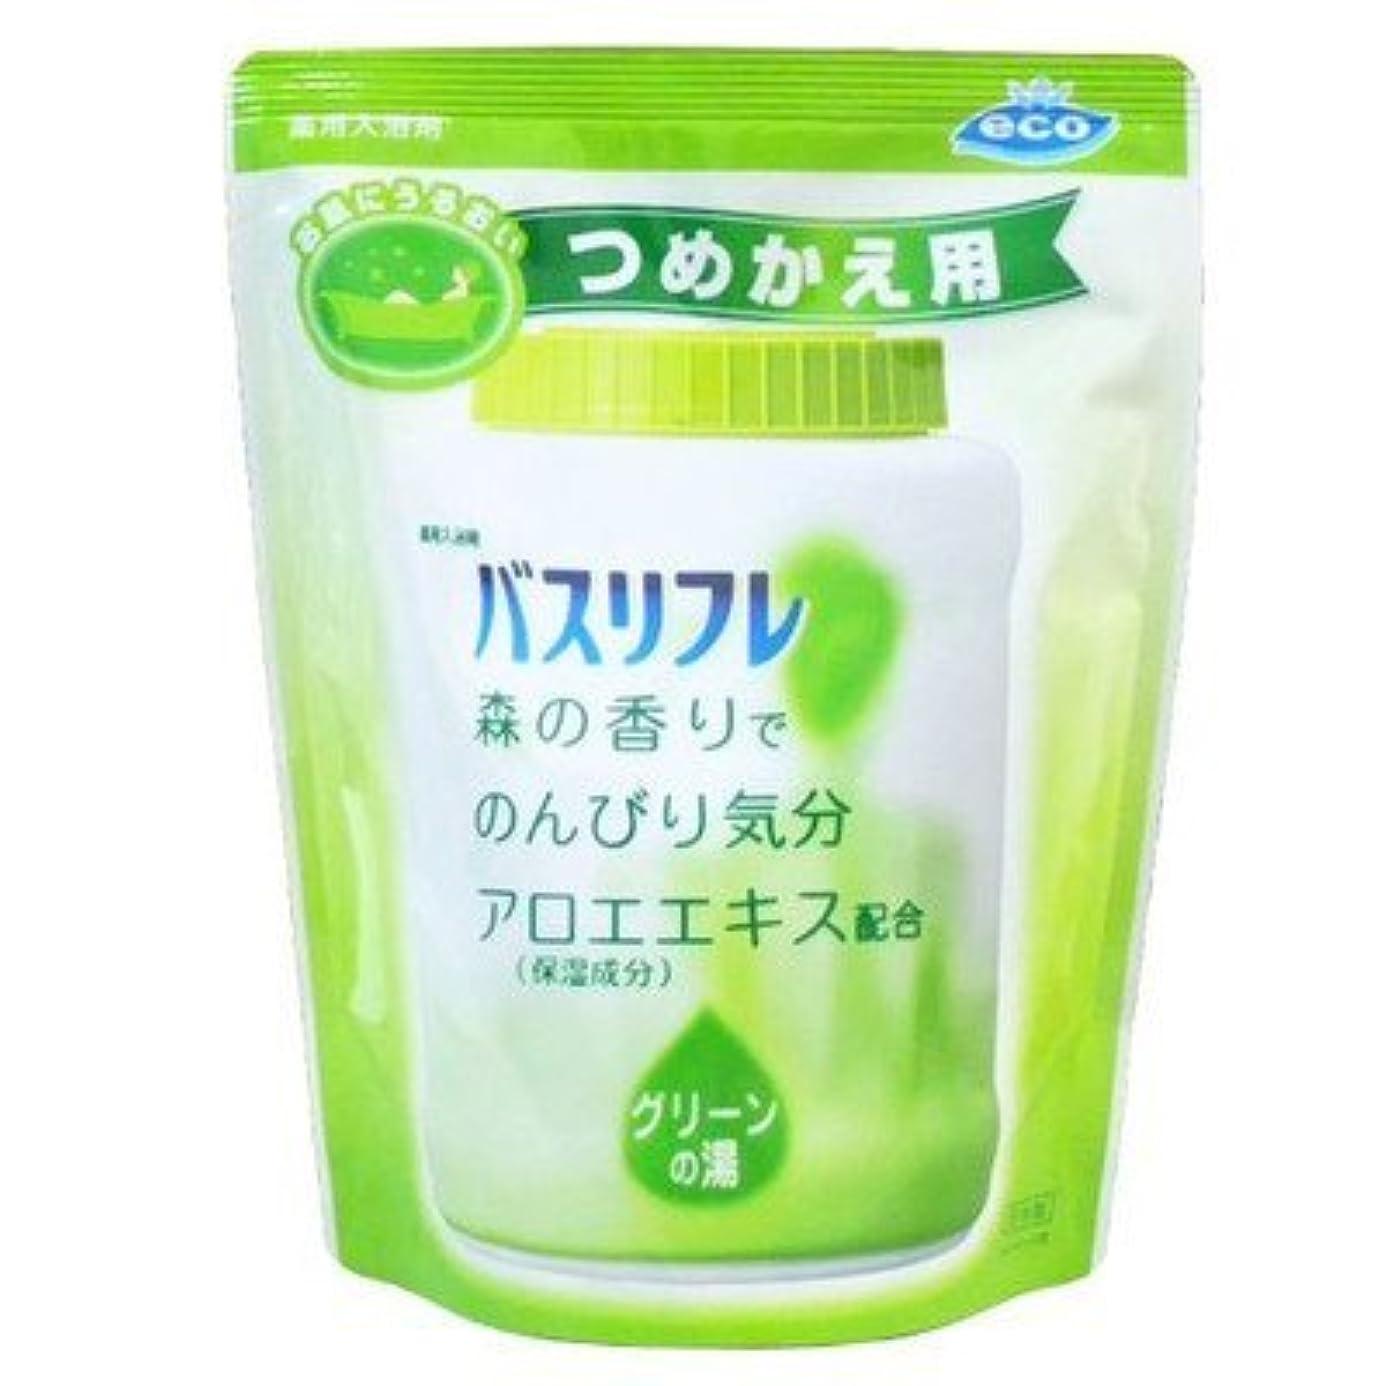 シュリンク寝具広範囲薬用入浴剤 バスリフレ グリーンの湯 つめかえ用 540g 森の香り (ライオンケミカル) Japan